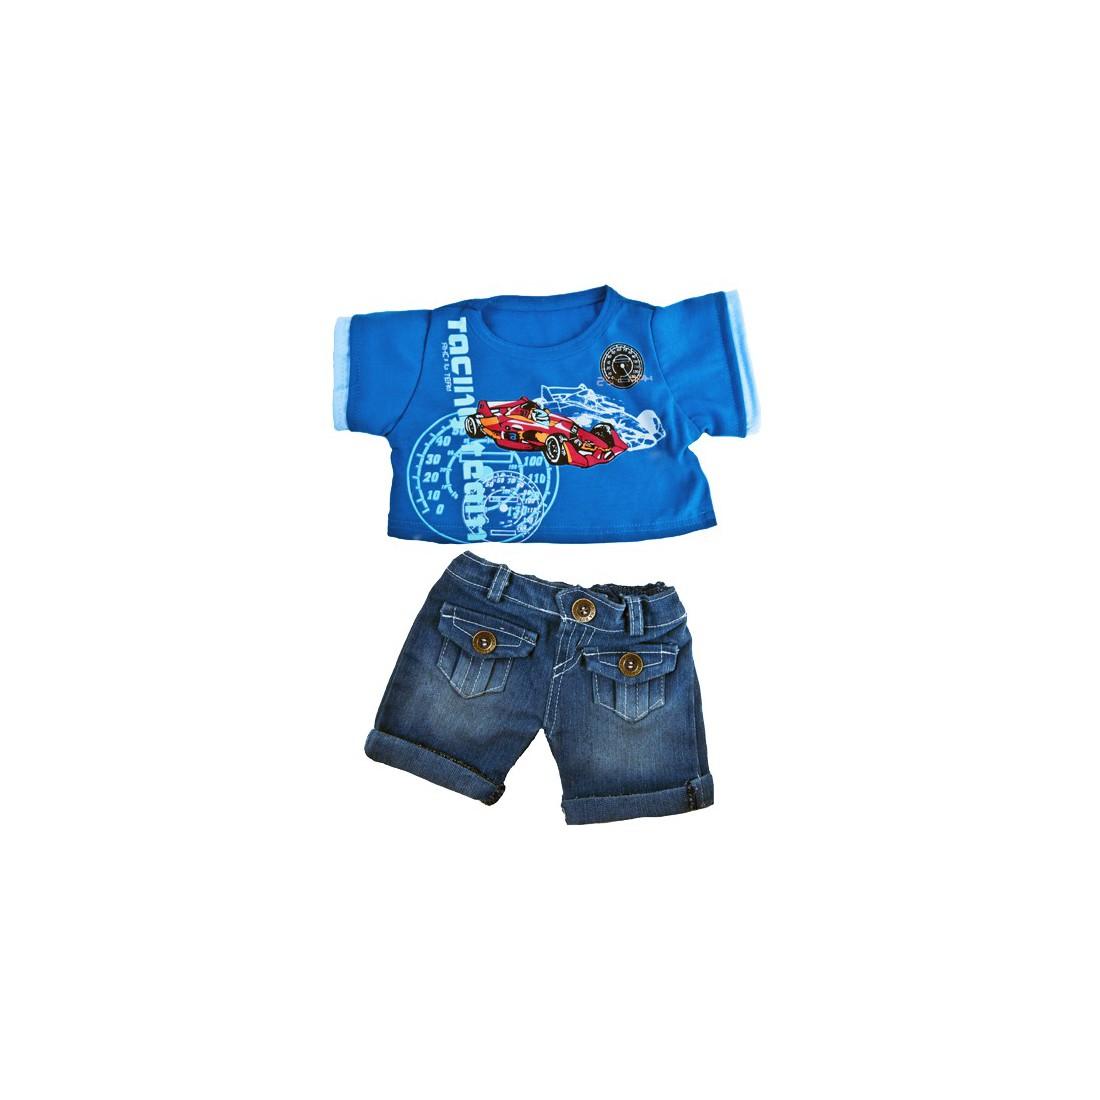 Jeans & T-Shirt Voiture  40 cm - La tenue idéale pour les peluches personnalisées ! Transformez votre